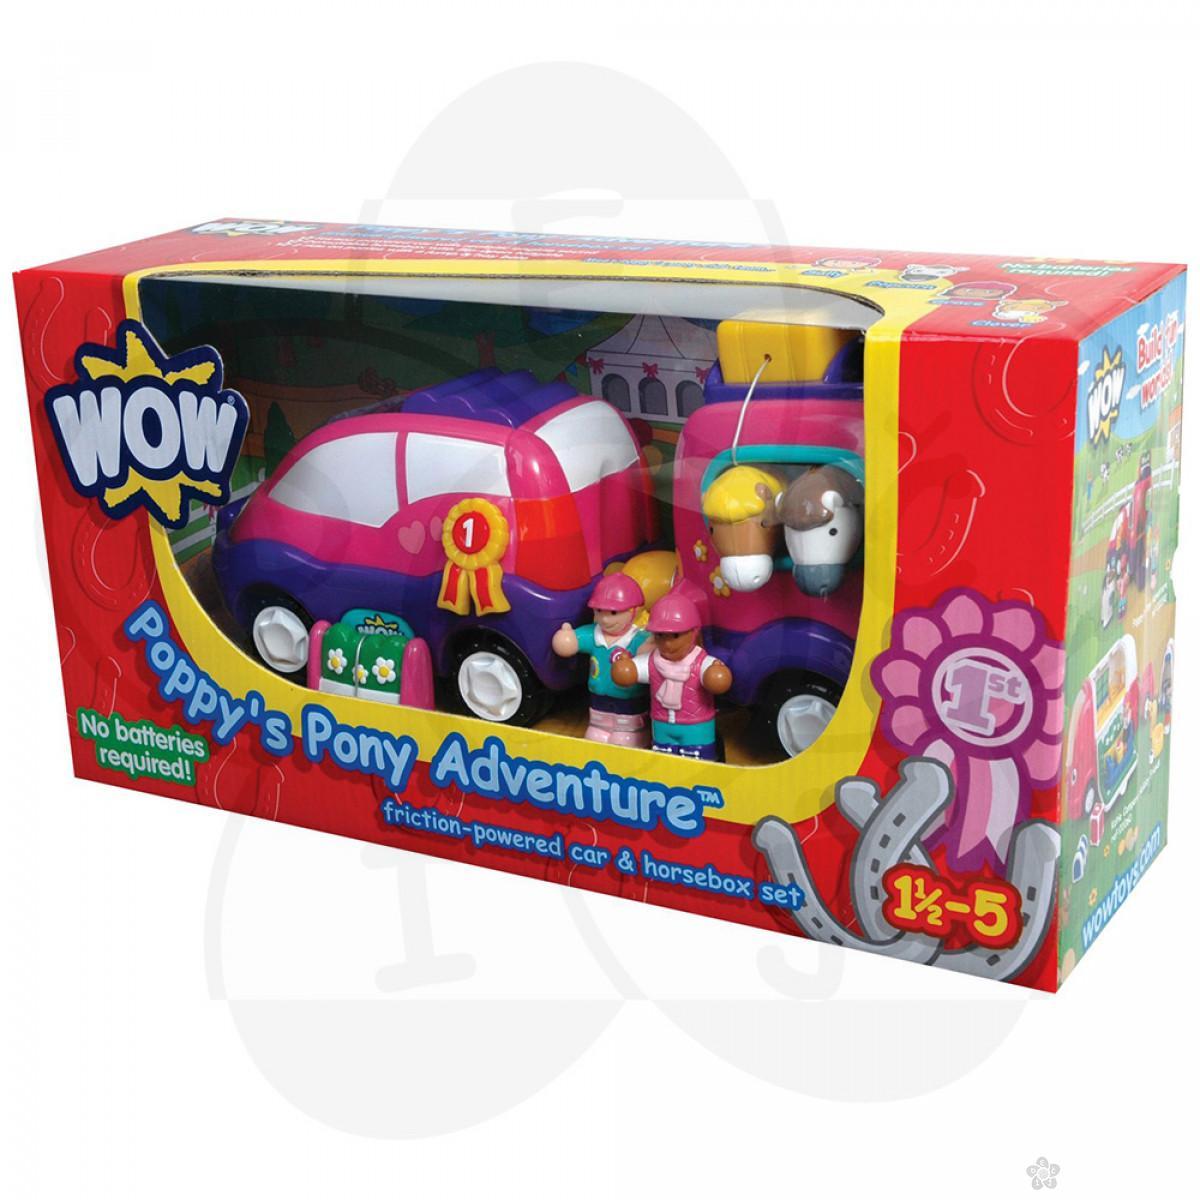 Wow igračka avanture sa ponijem